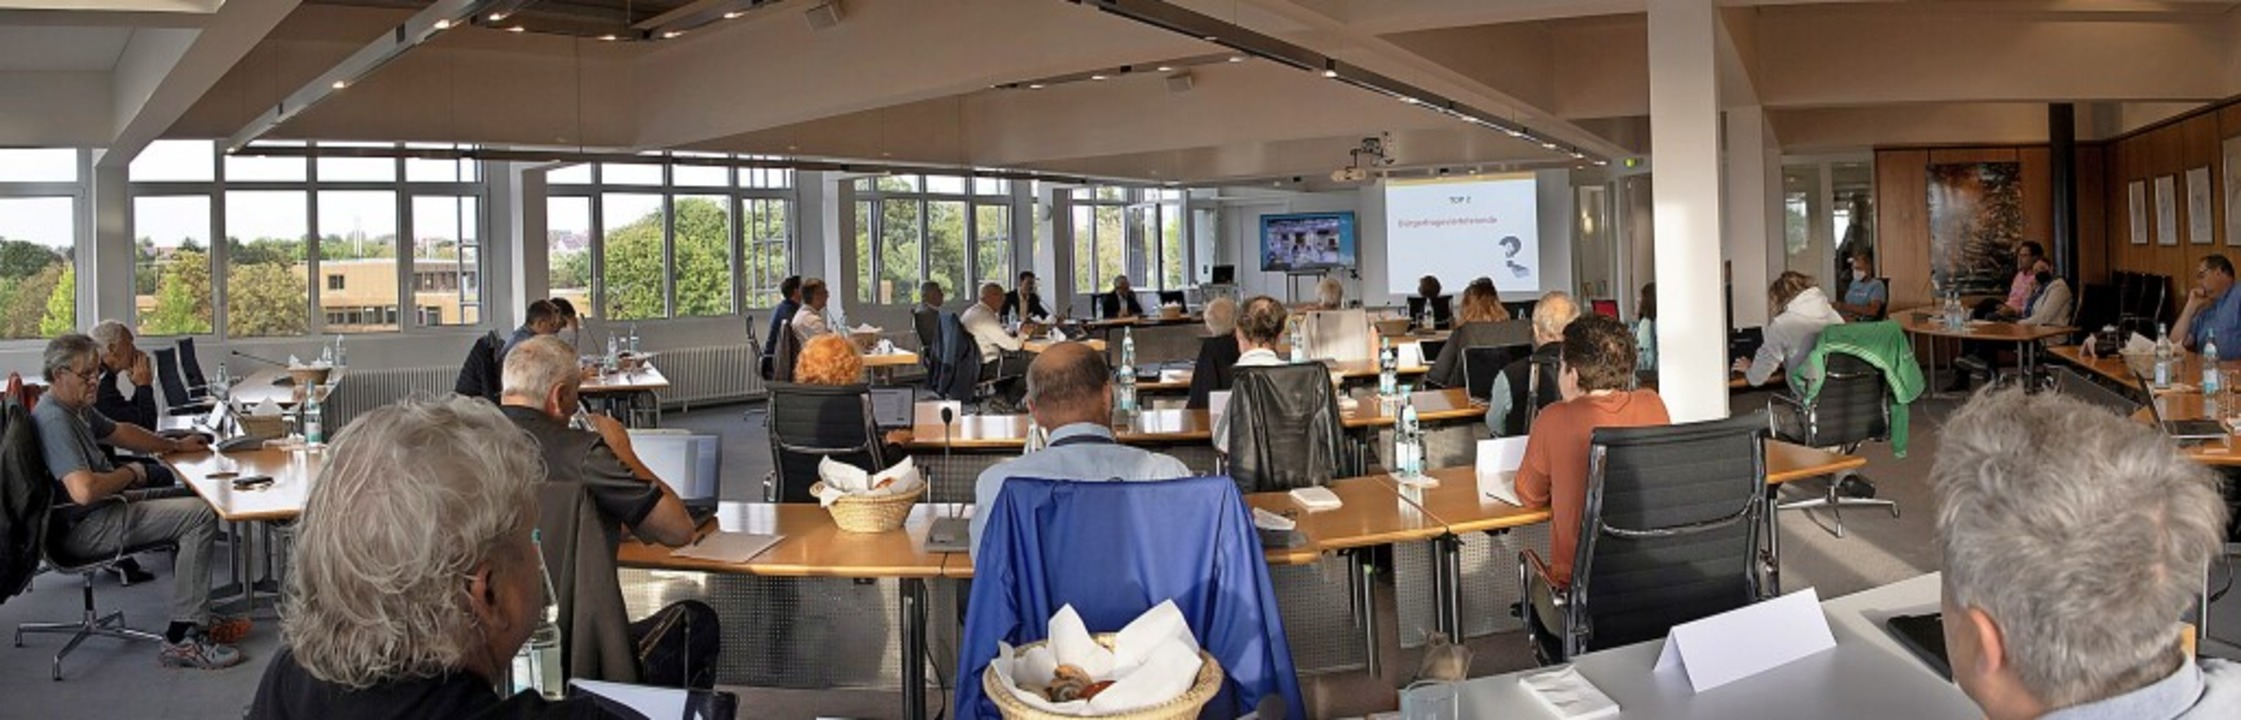 Reihen statt U-Form: Die neue Sitzordnung im Rathaus ist keine Ratsrunde mehr.    Foto: Volker Münch